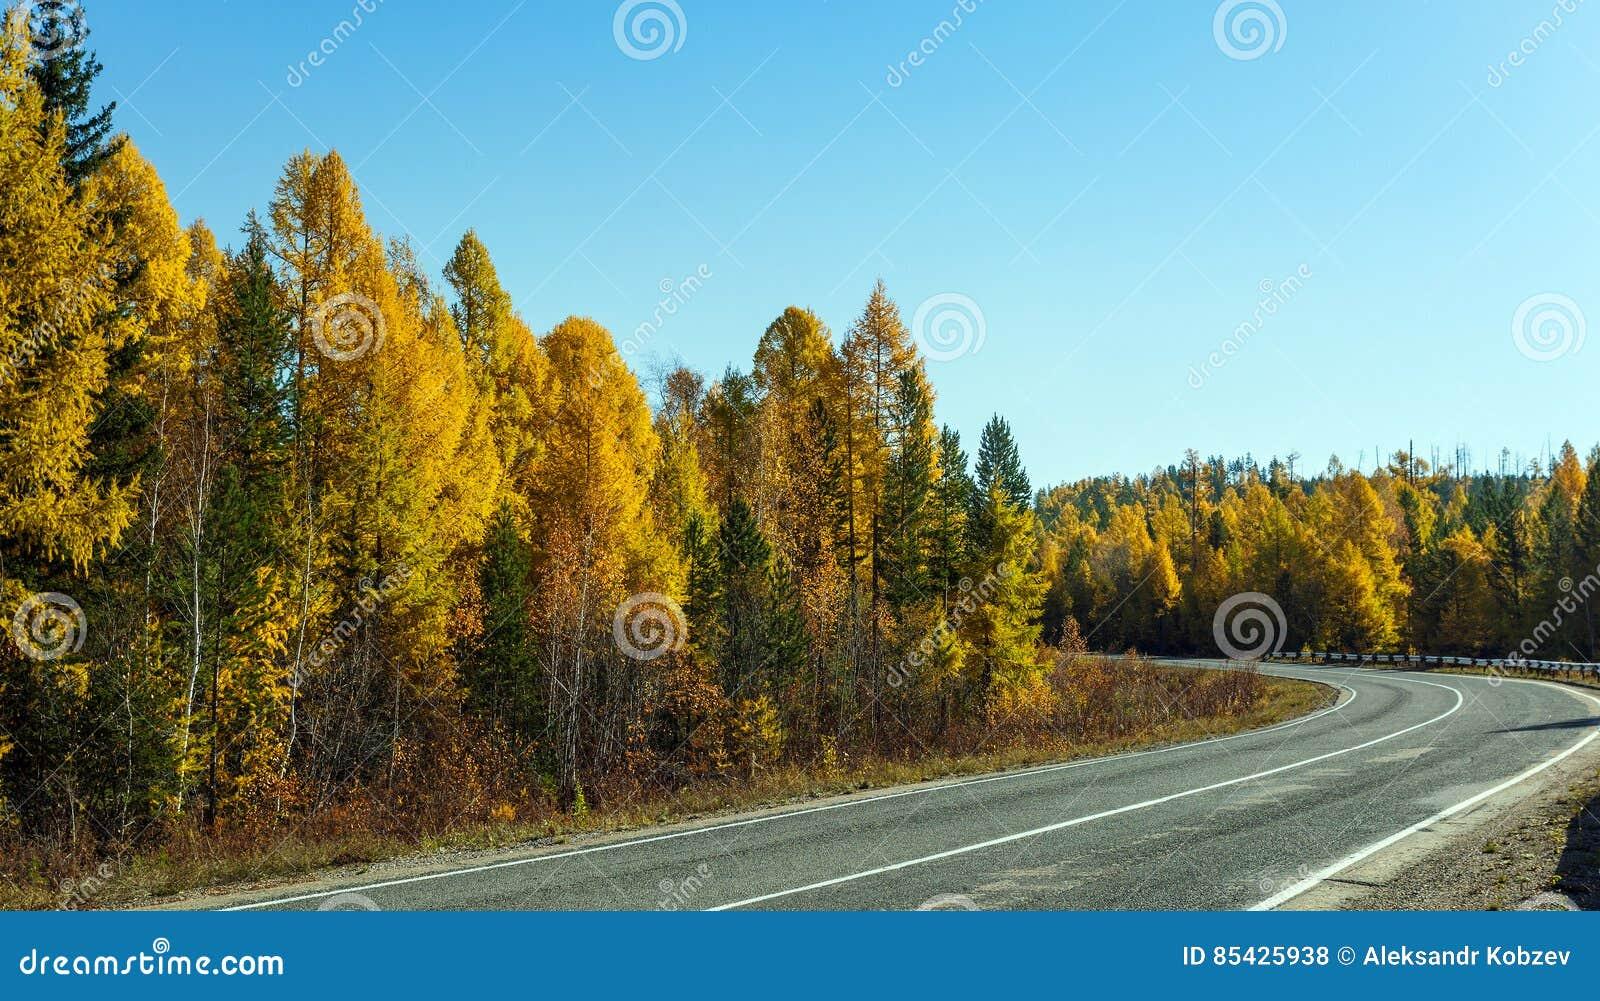 Route goudronnée de rotation dans la forêt